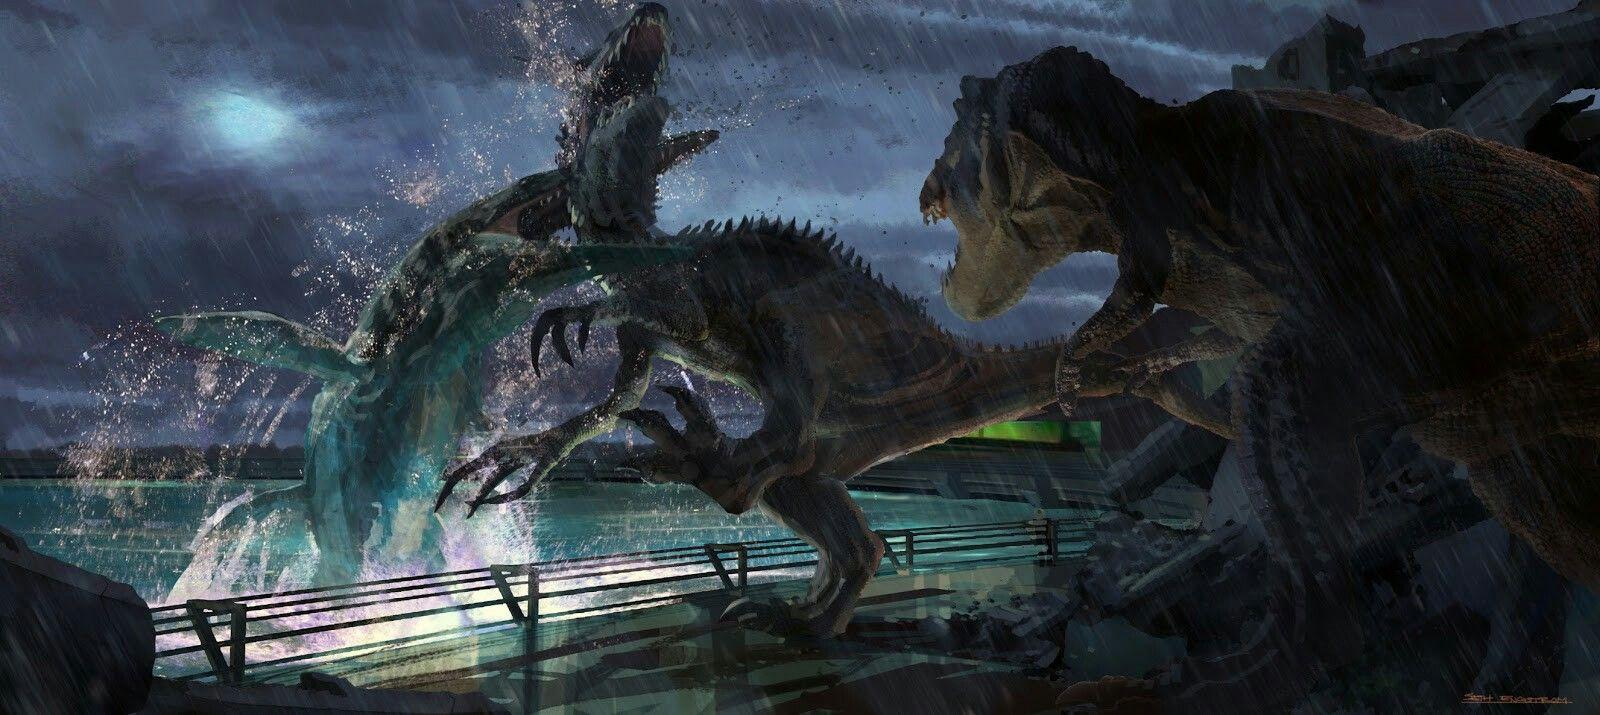 Pin De Laetitia En Jurassic World Dinosaurios De Jurassic Park Parque Jurasico Fosiles De Dinosaurios